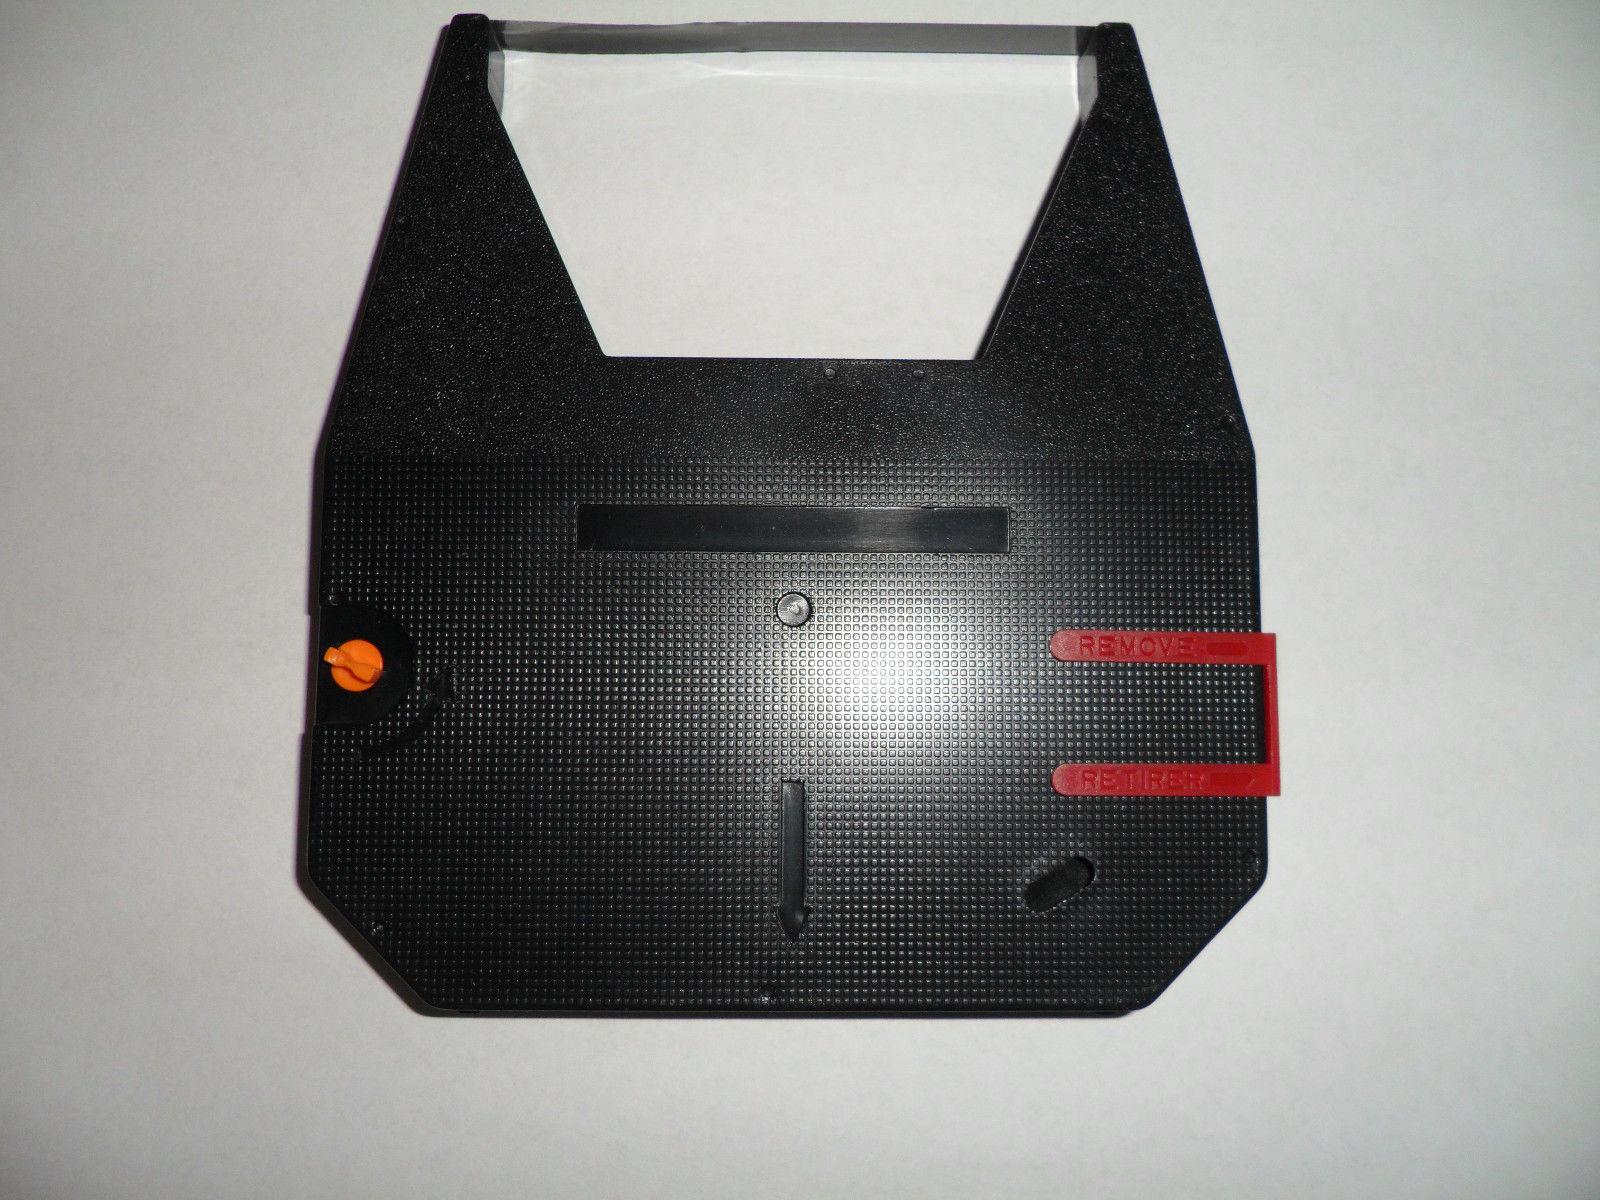 Brother Correctronic 65 Typewriter Ribbon Replaces 7020 B165 T330